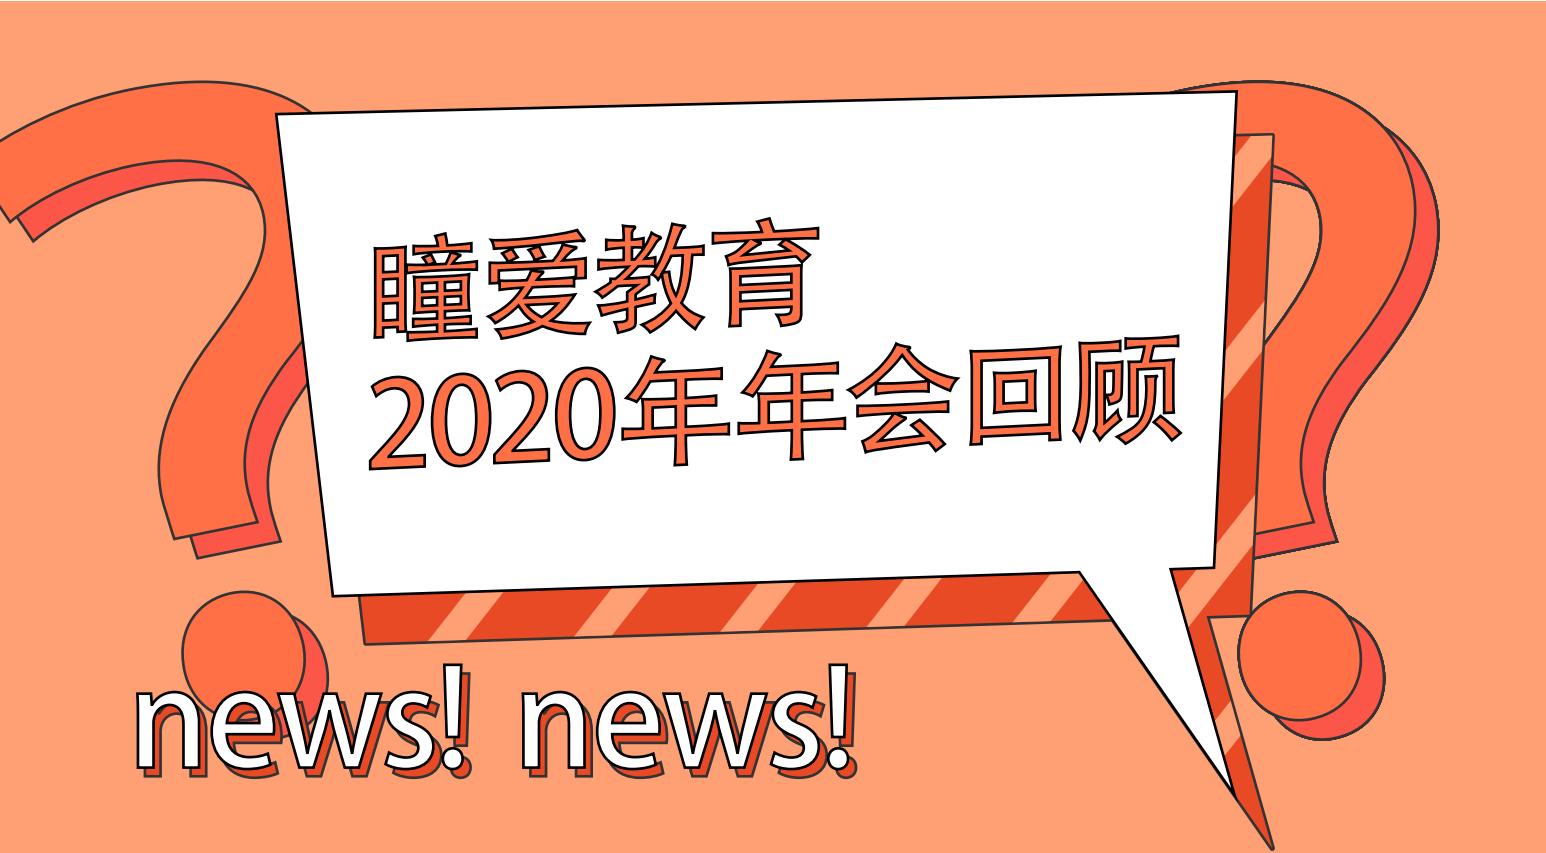 瞳爱教育2020年年会回顾